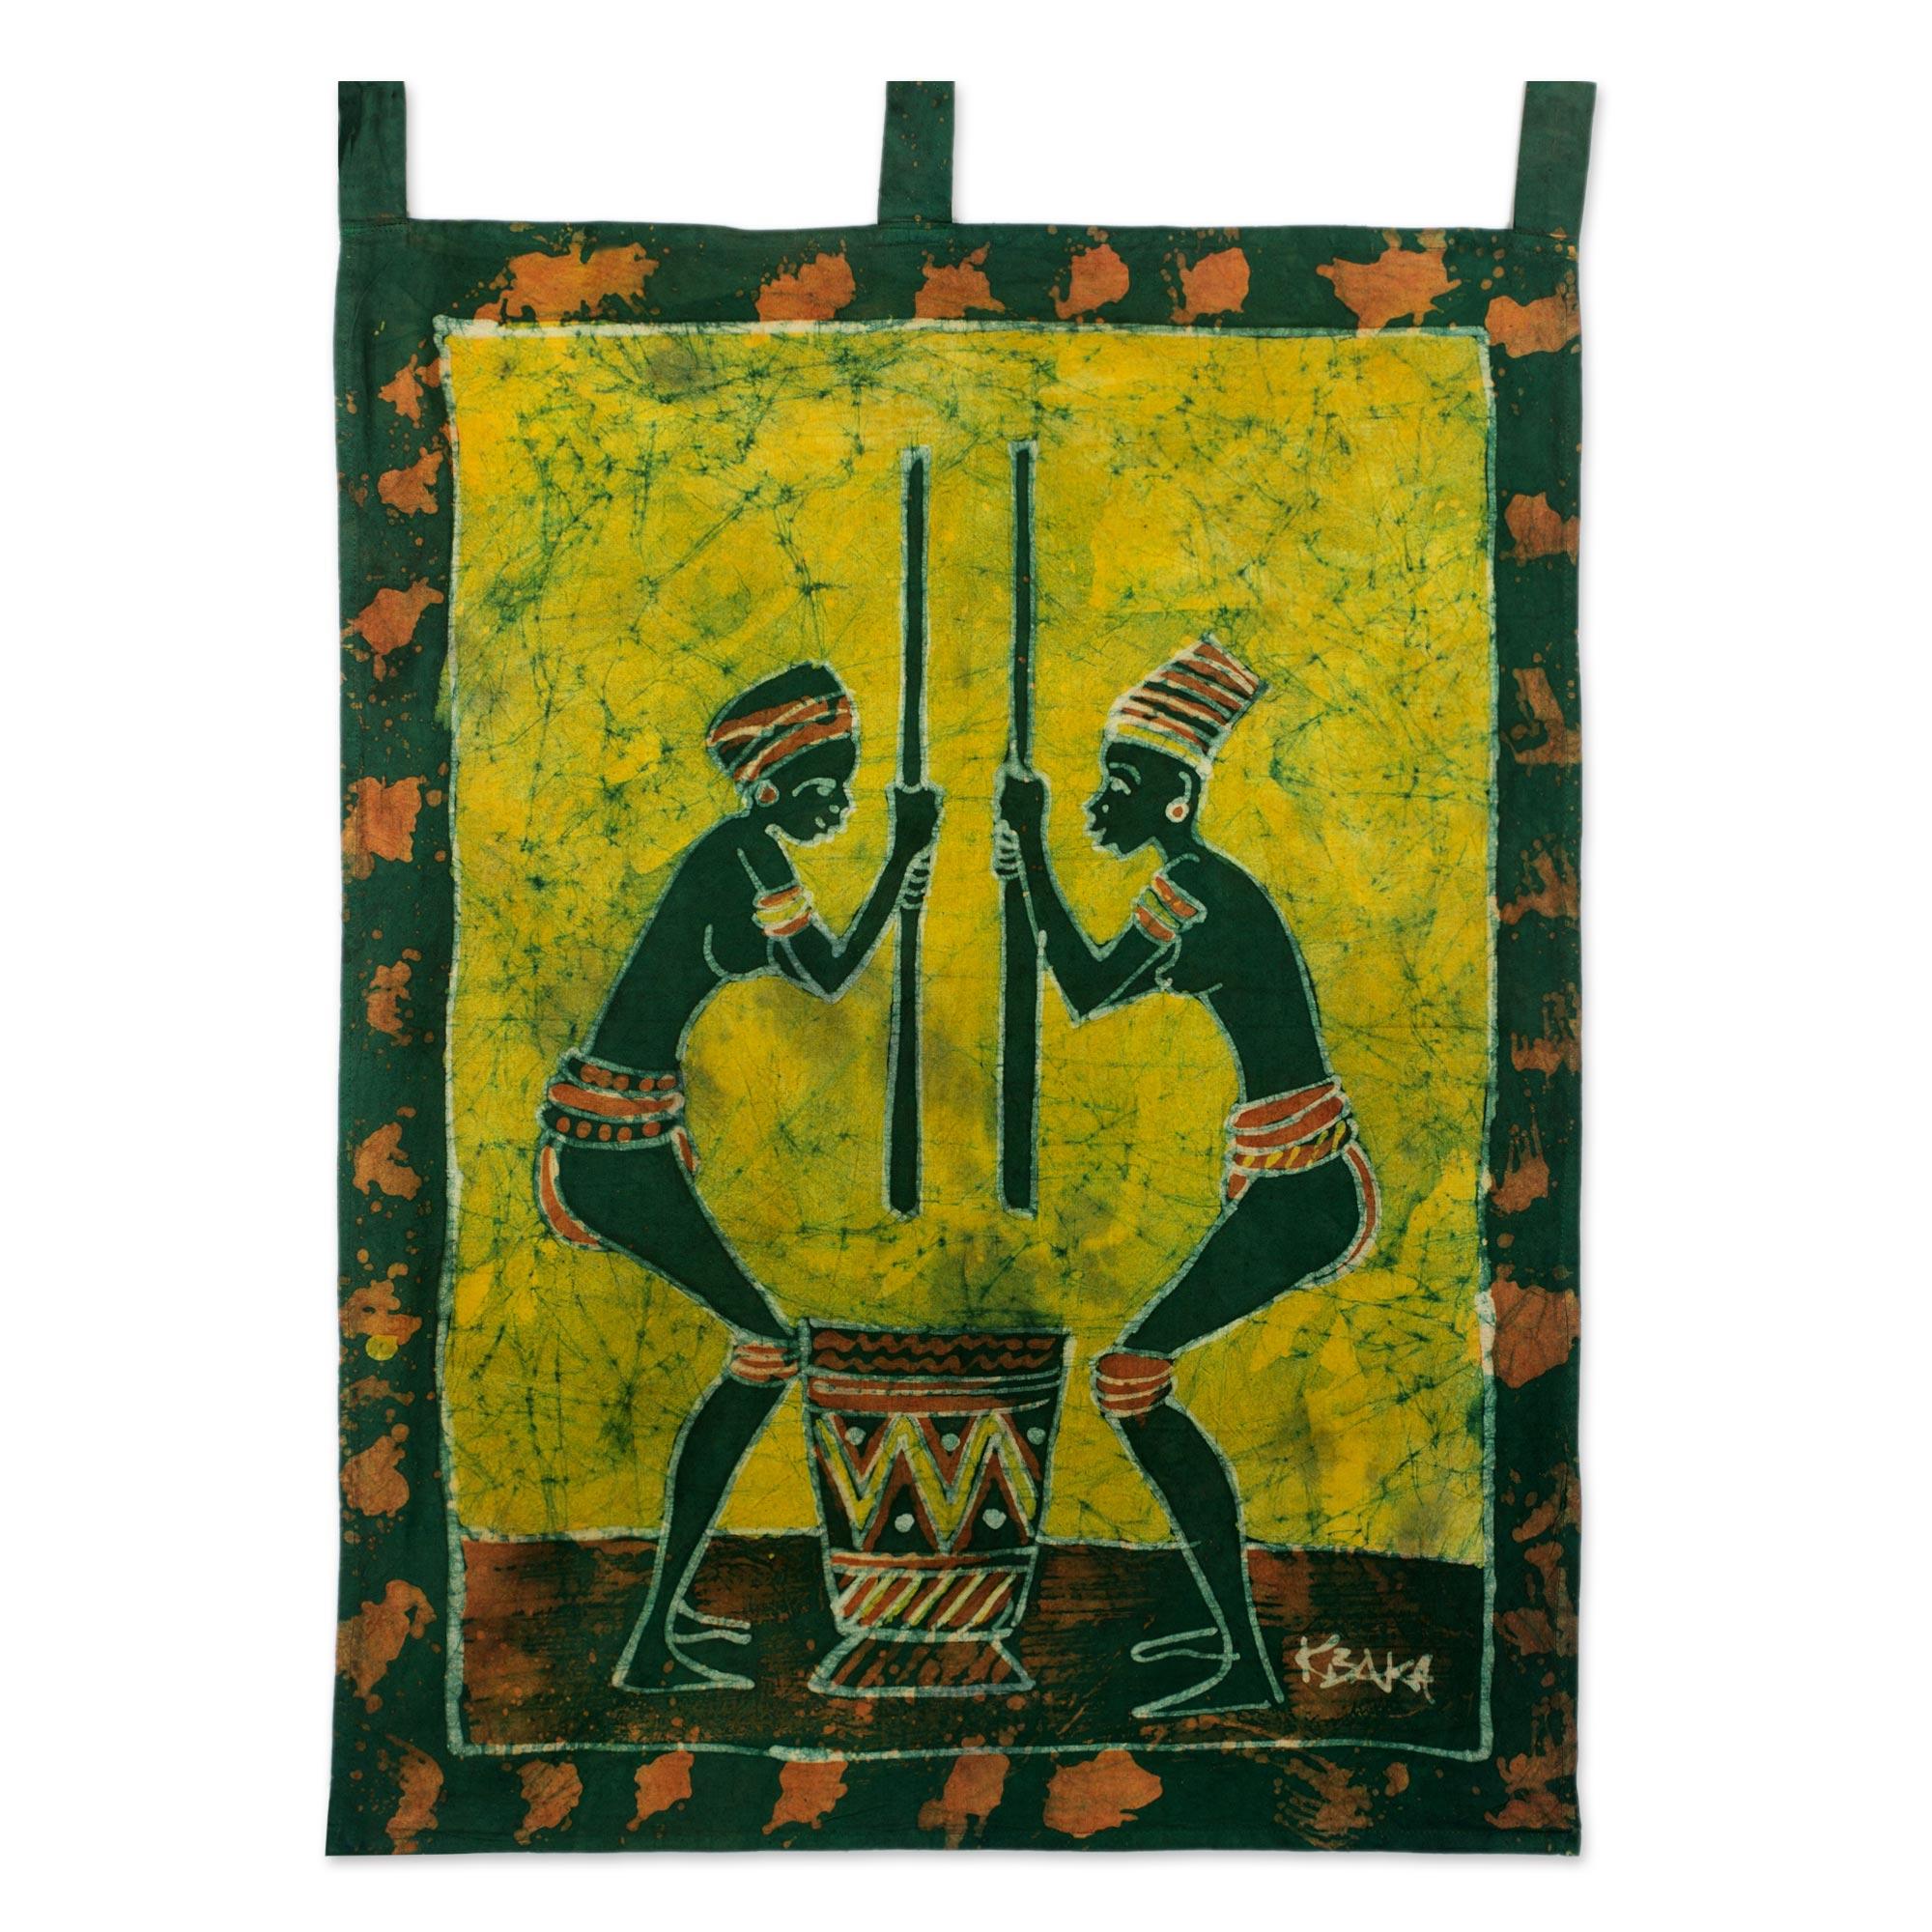 Unicef UK Market | Fair Trade Cotton Batik Wall Hanging - Abaa Ye Nii